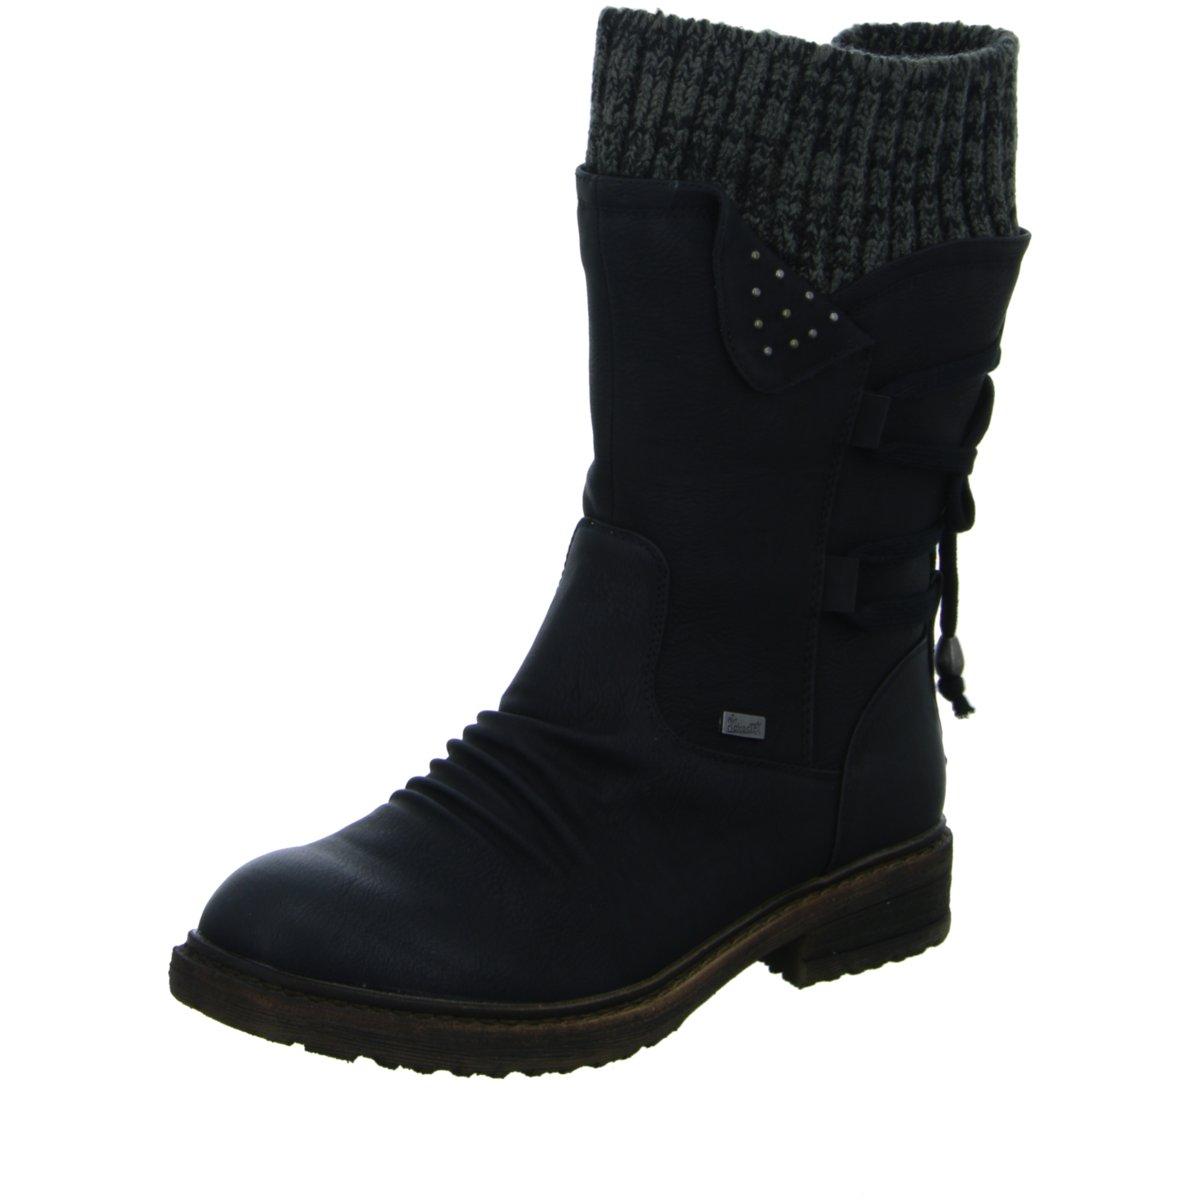 Rieker Damen Stiefel 94773-00 schwarz 355520